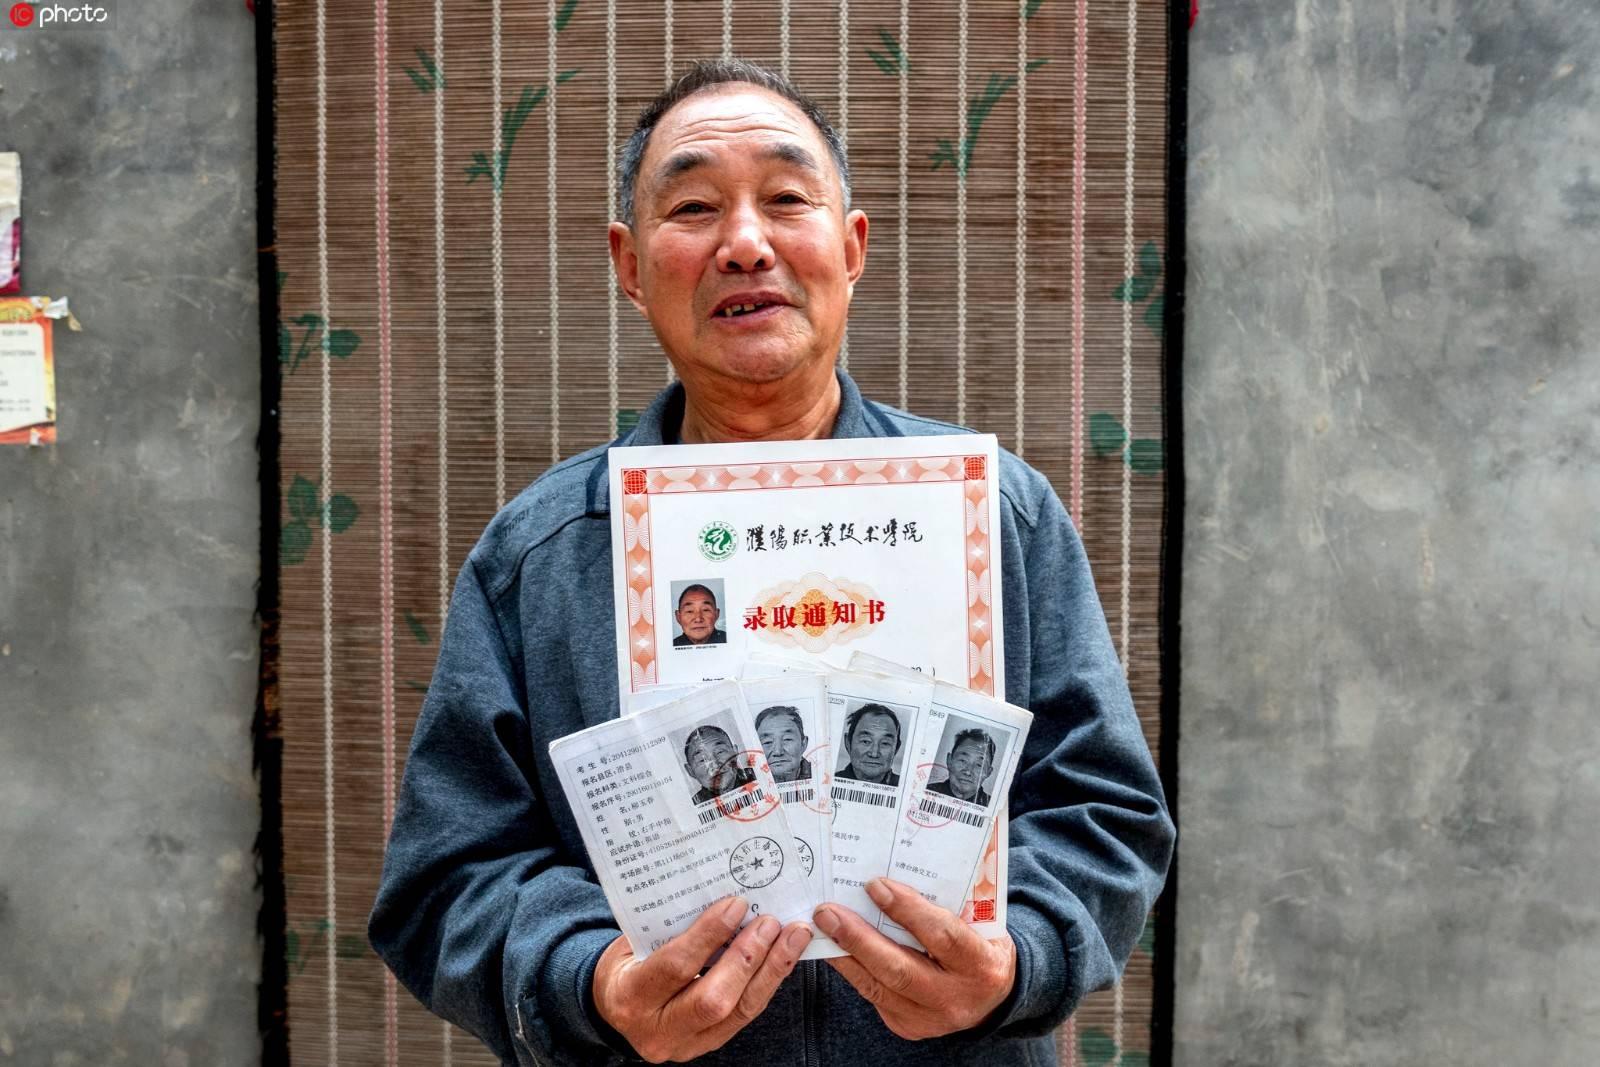 五进考场,71岁的他终圆大学梦